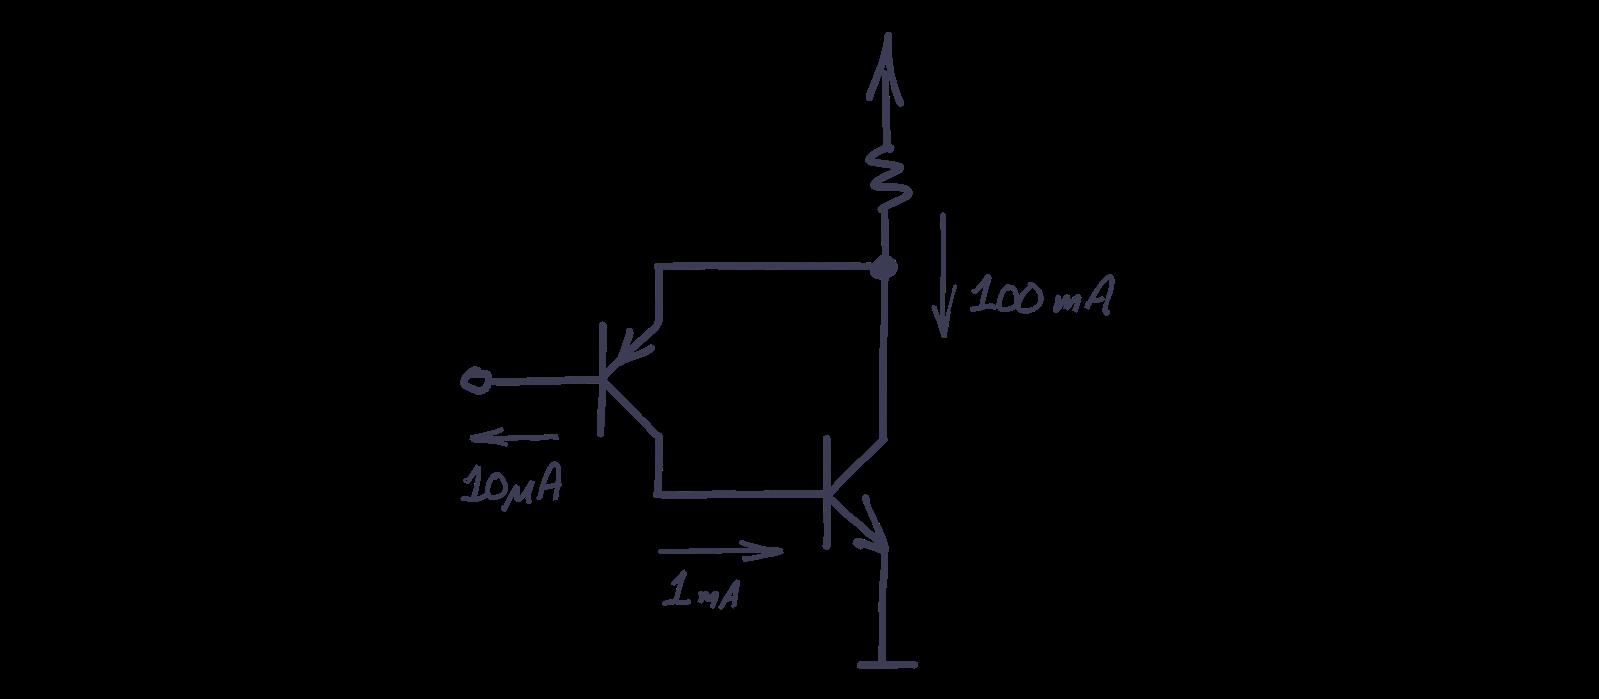 components_bjt-sziklai-01.png